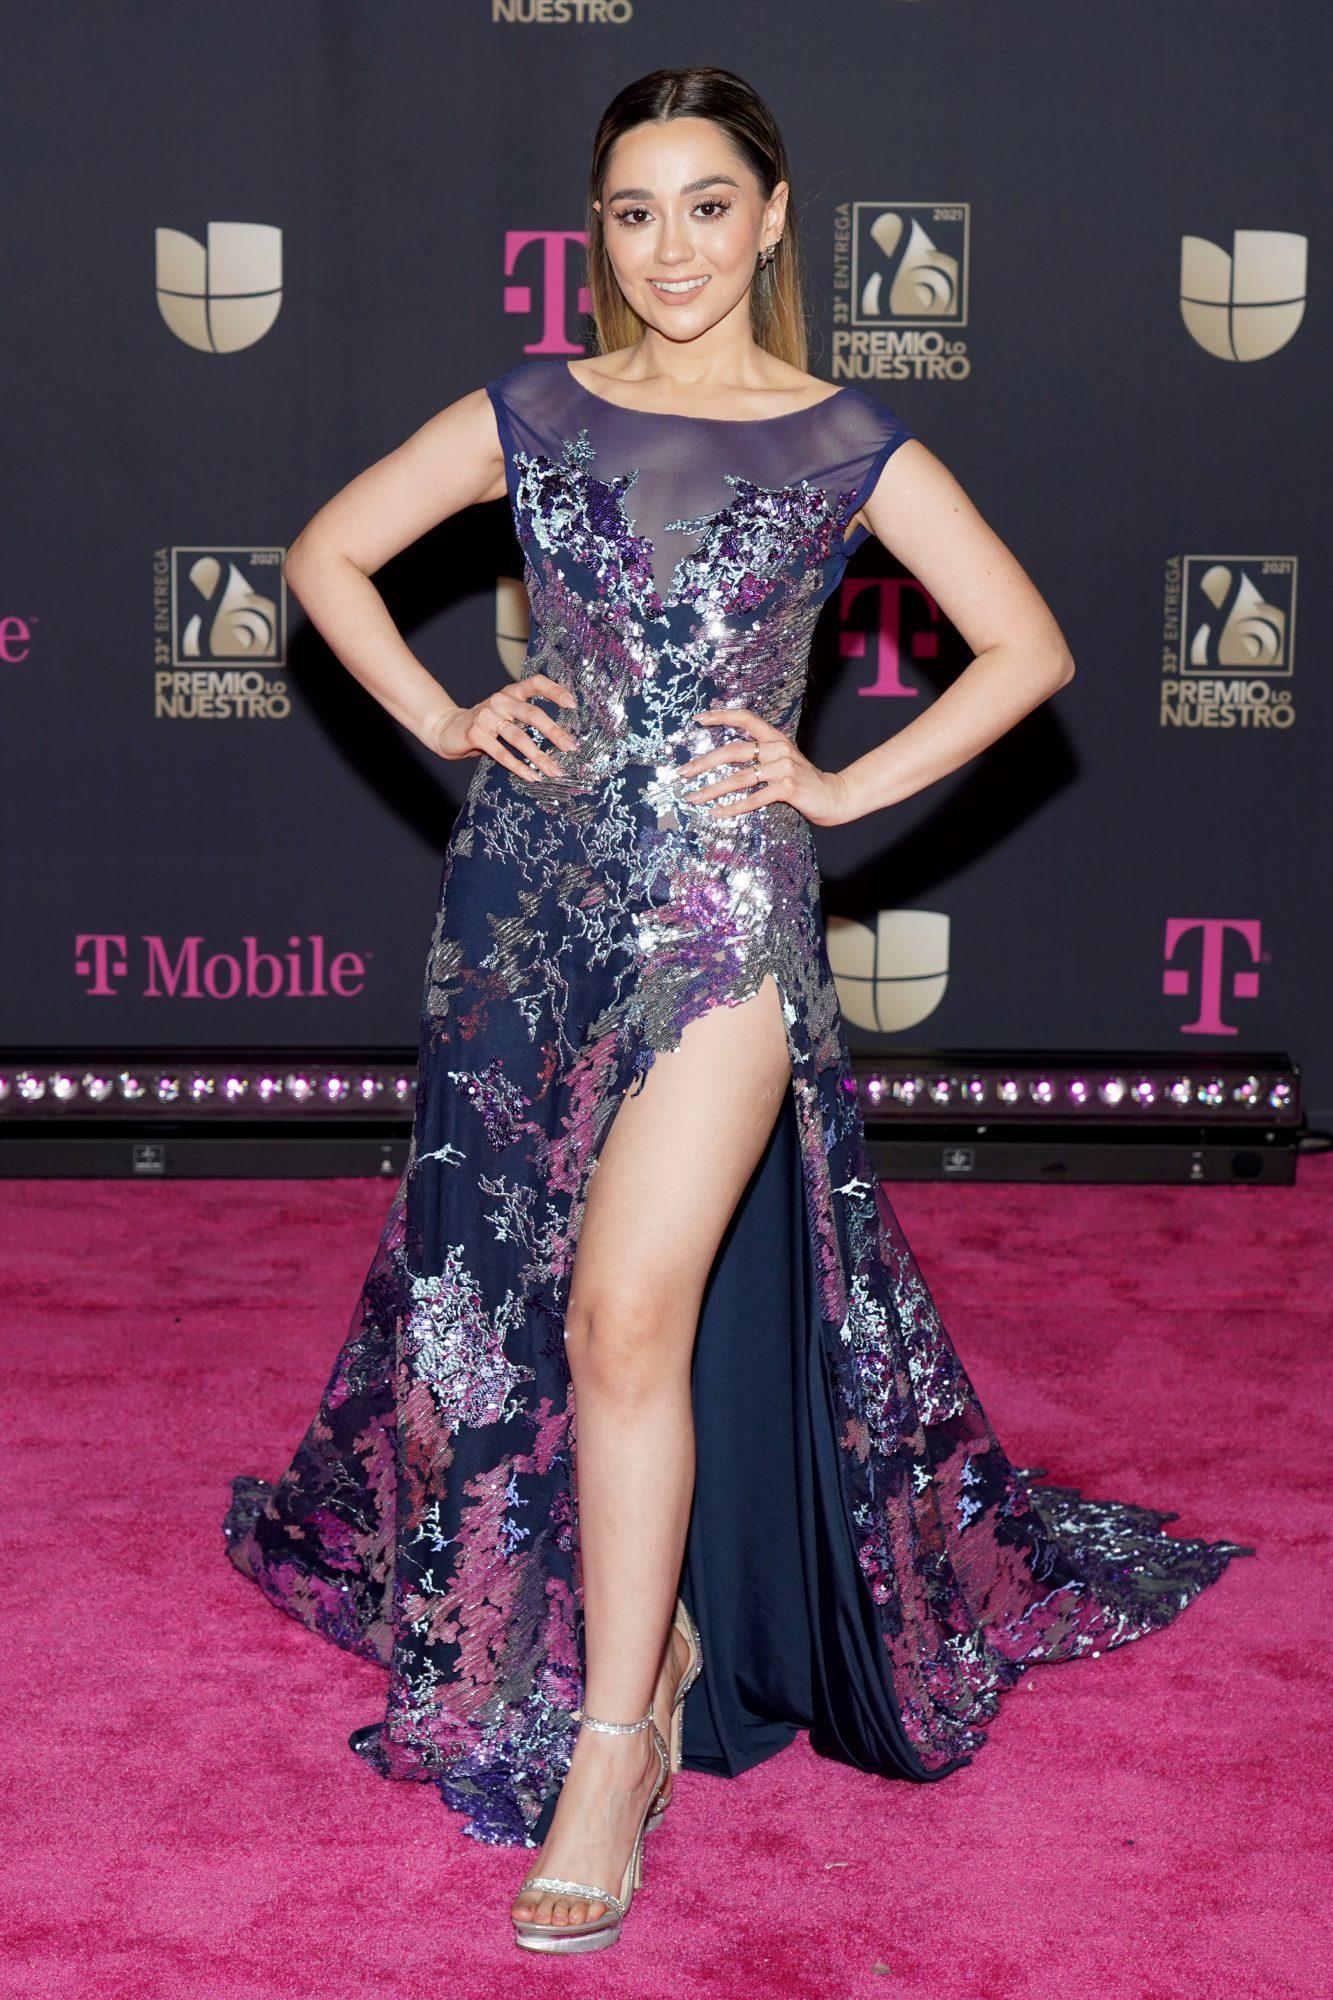 La joven cantante llegó a la premiación este hermoso vestido azul marino con estampado floral y pronunciada abertura frontal.